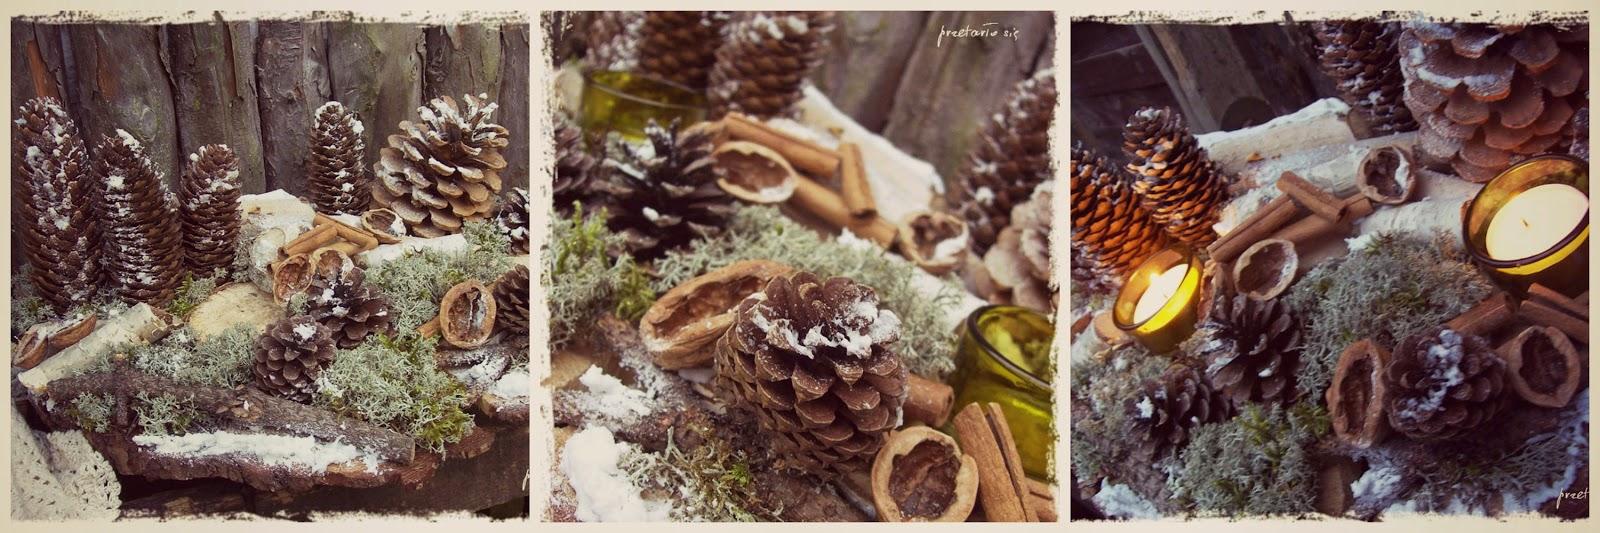 http://przetarlosie.blogspot.com/2014/12/swiateczne-inspiracje-sniezny-krajobraz.html